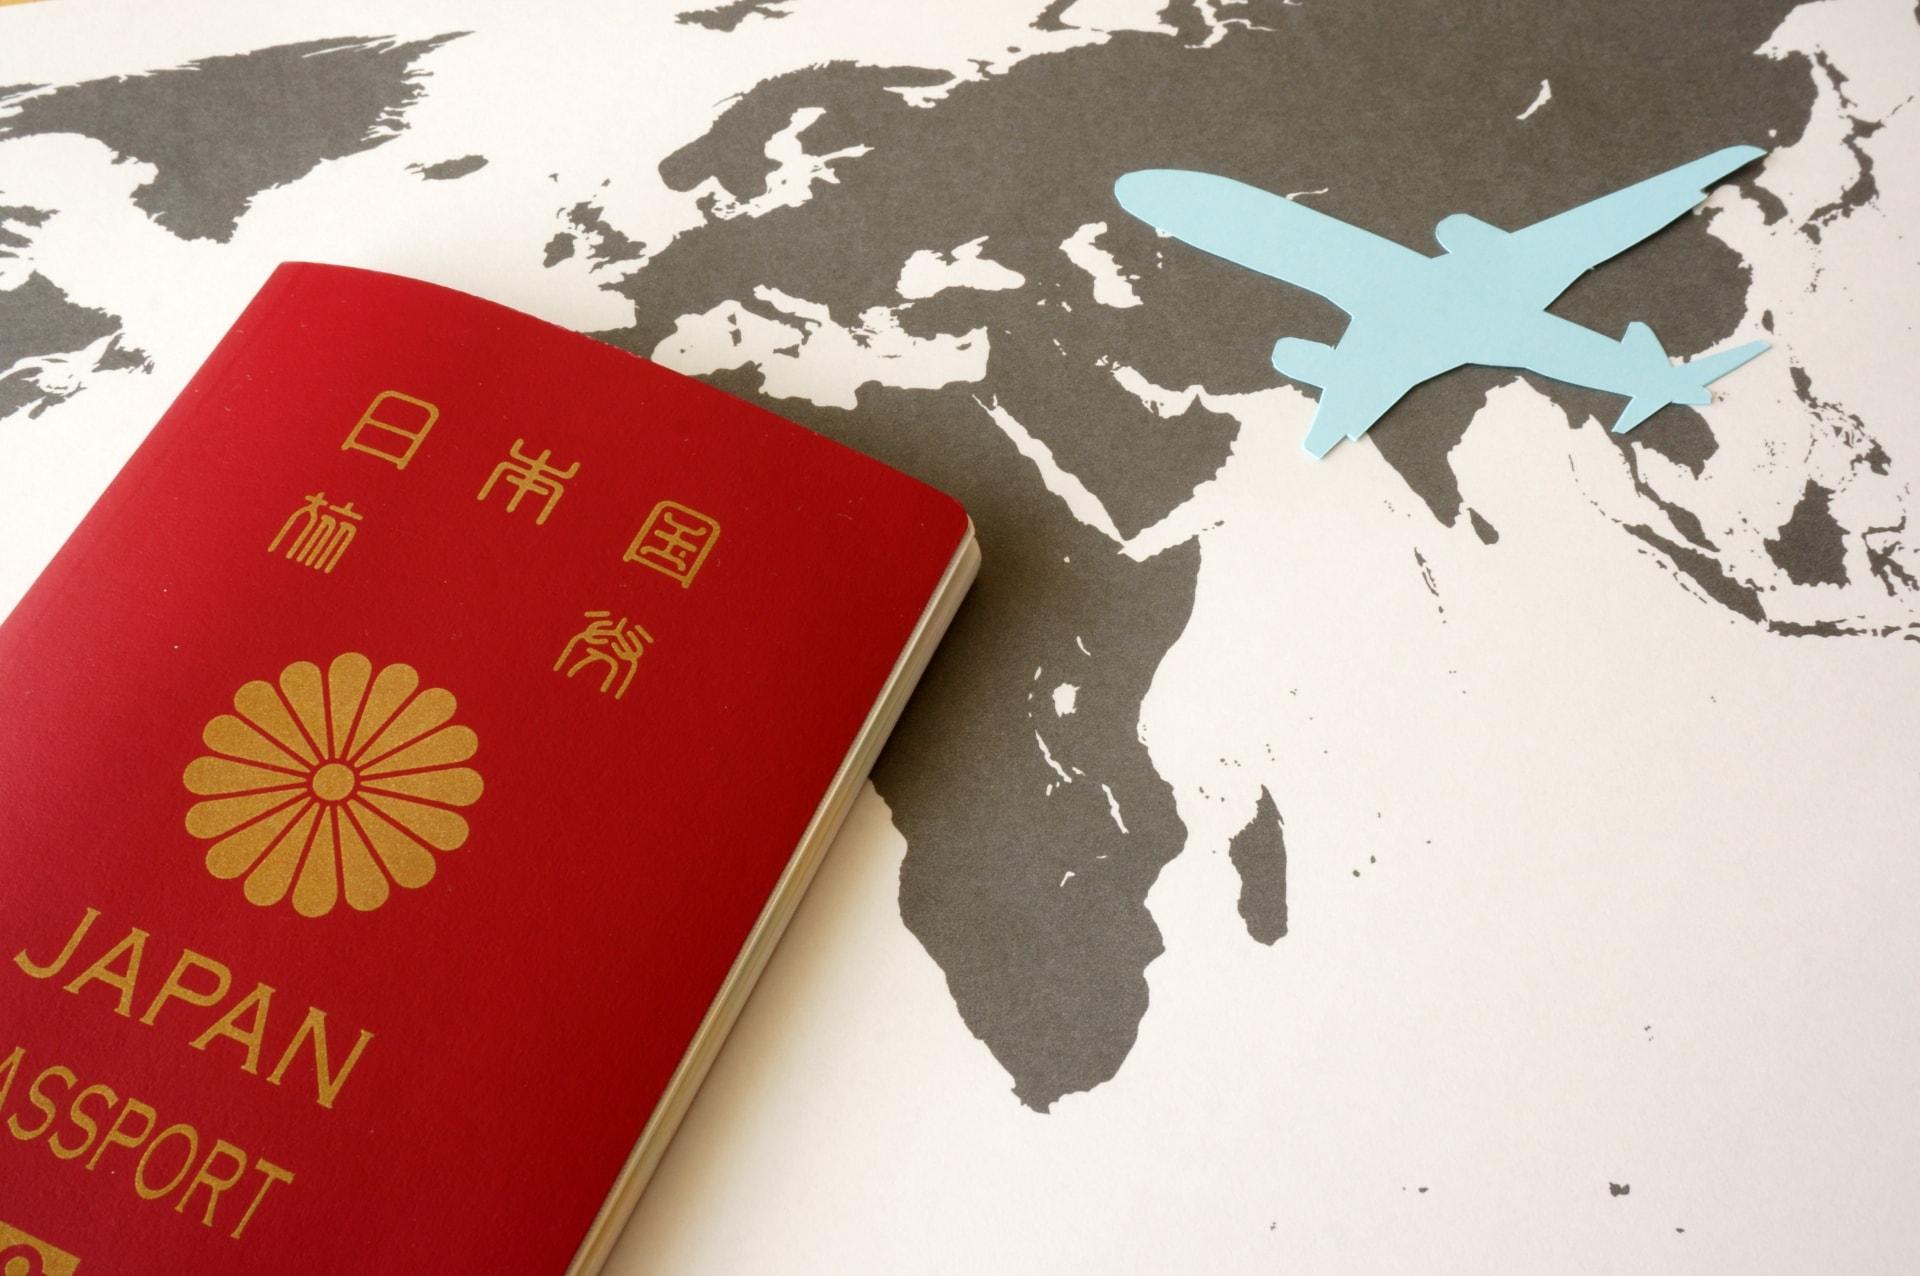 【海外旅行保険】海外旅行の旅行期間で保険料が変わる